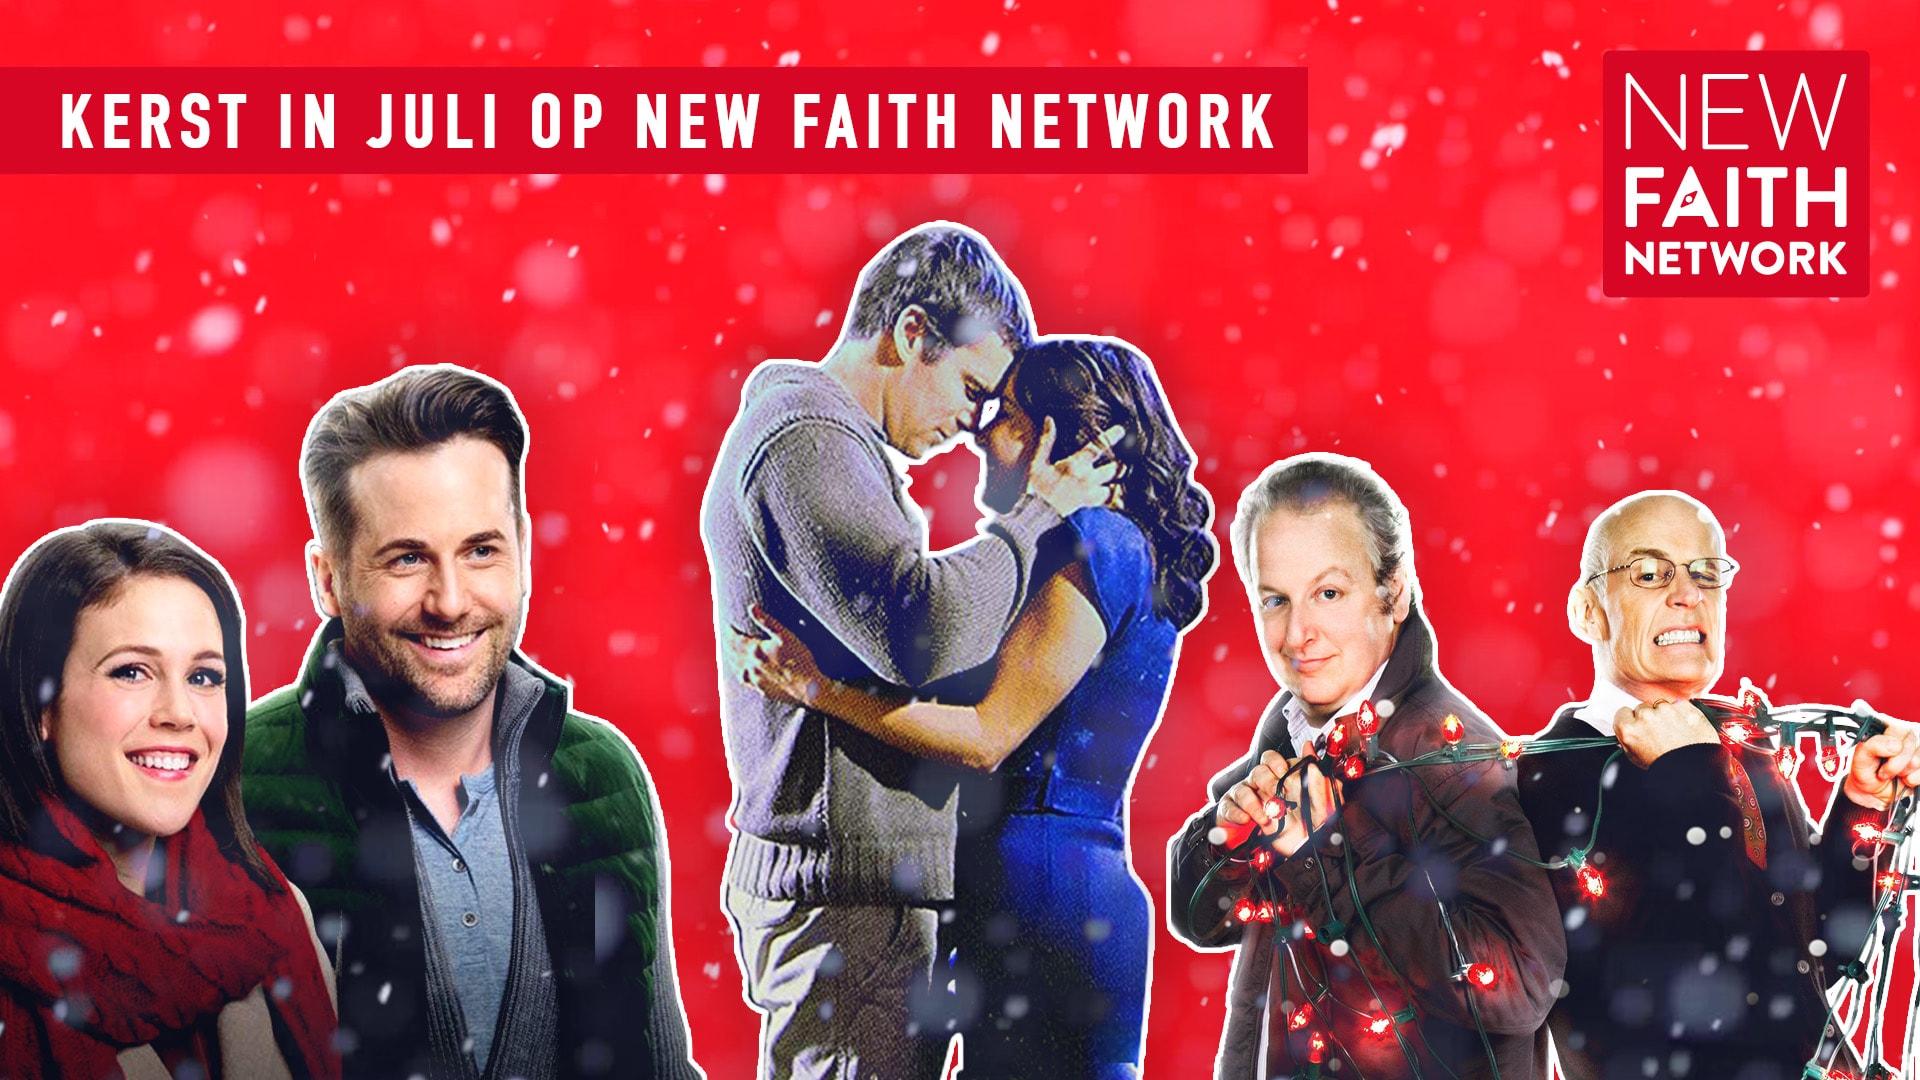 Verzameling afbeeldingen van New Faith Network Kerstfilms